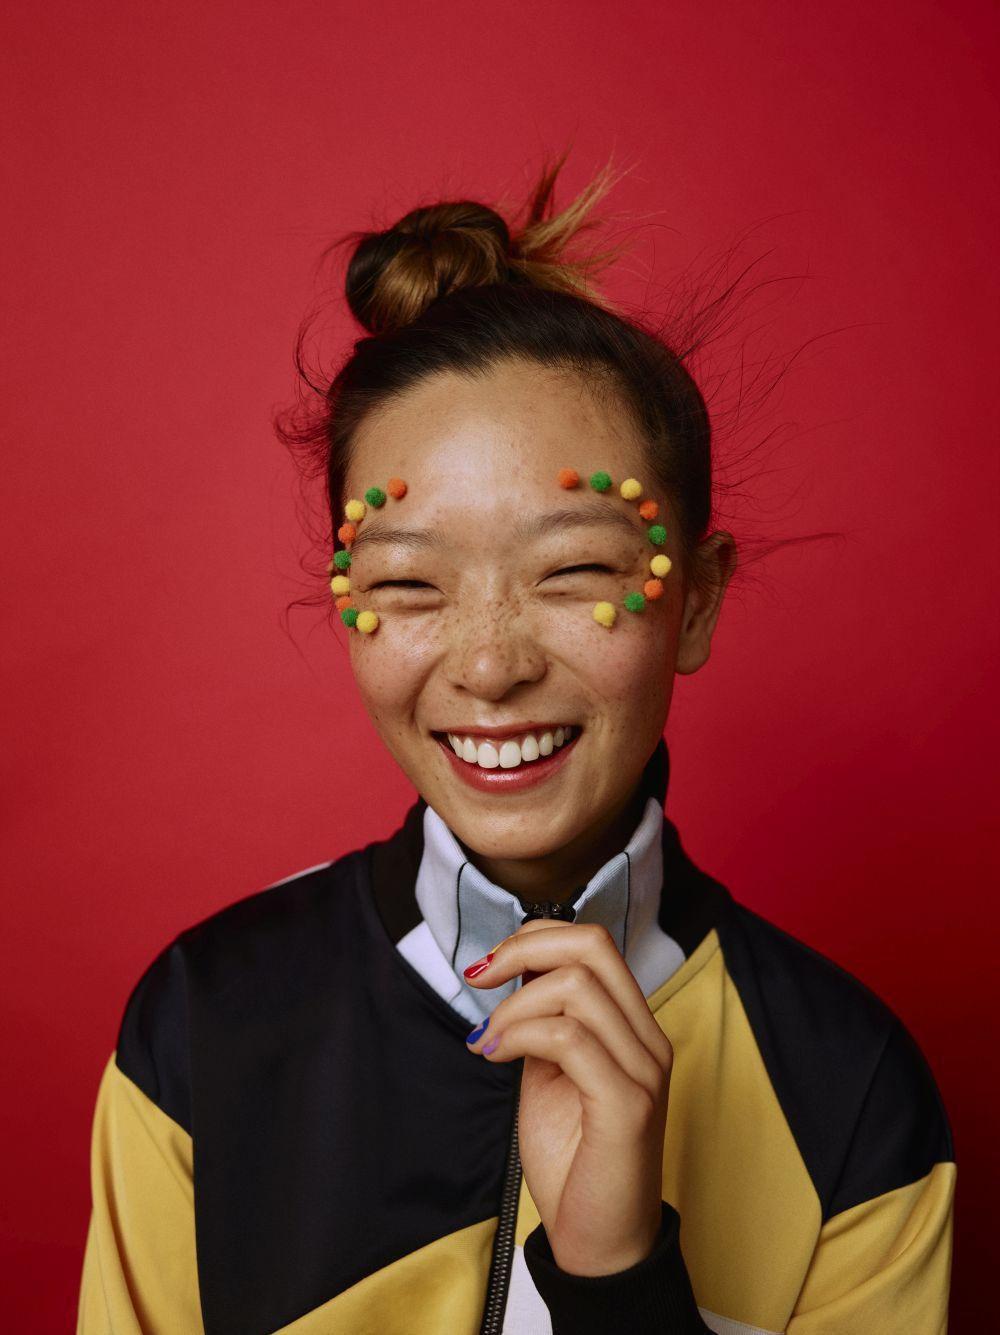 Se lanzará en septiembre junto a su nueva campaña de belleza, Cara +...